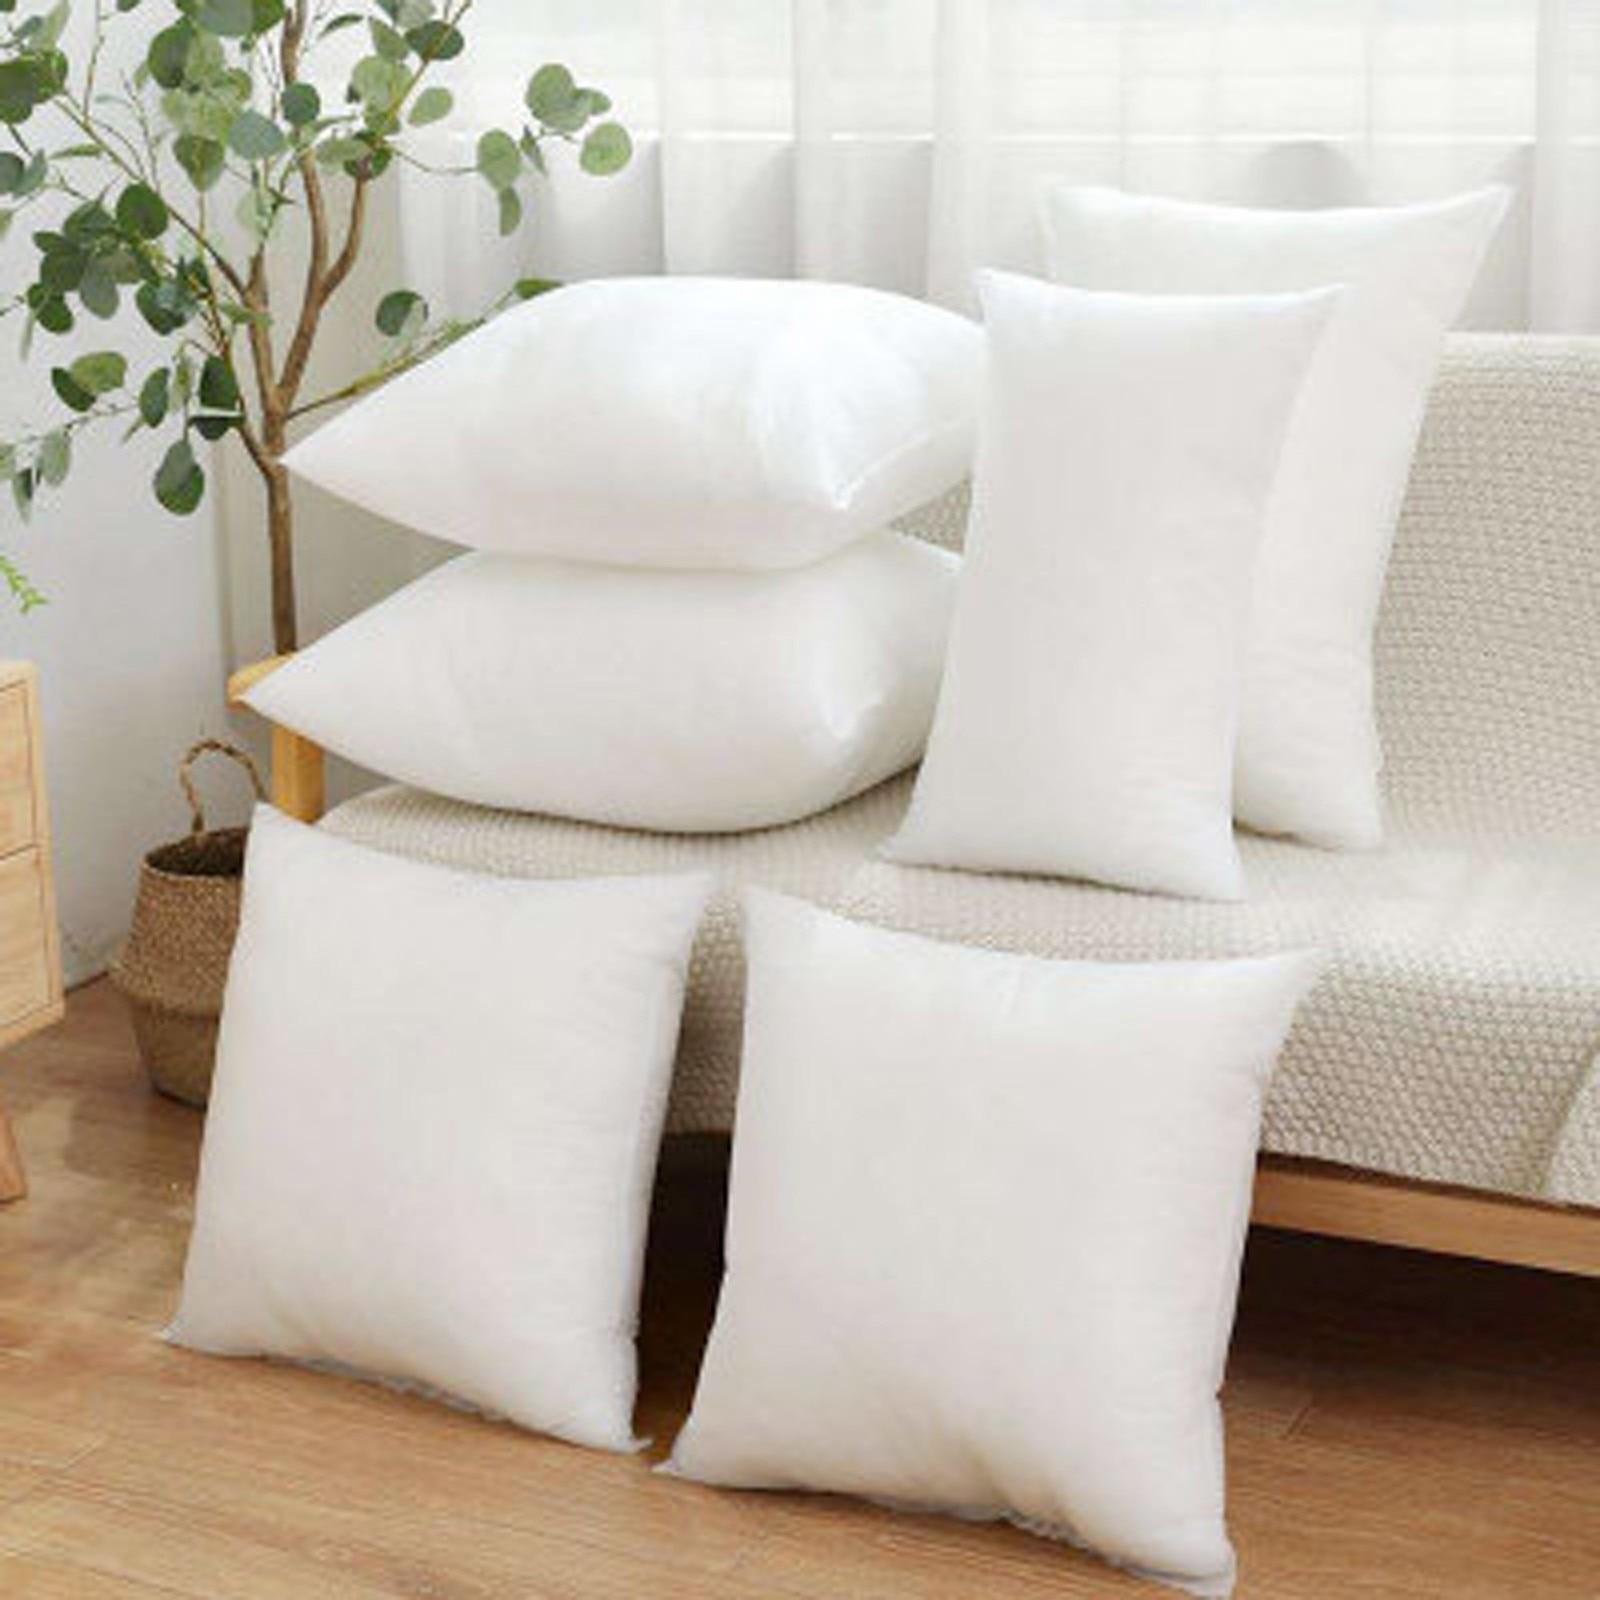 25 # подушка для изголовья кровати, вставки для подушки из нетканого материала, наполнитель для подушки, квадратная подушка из оленей, тканев...